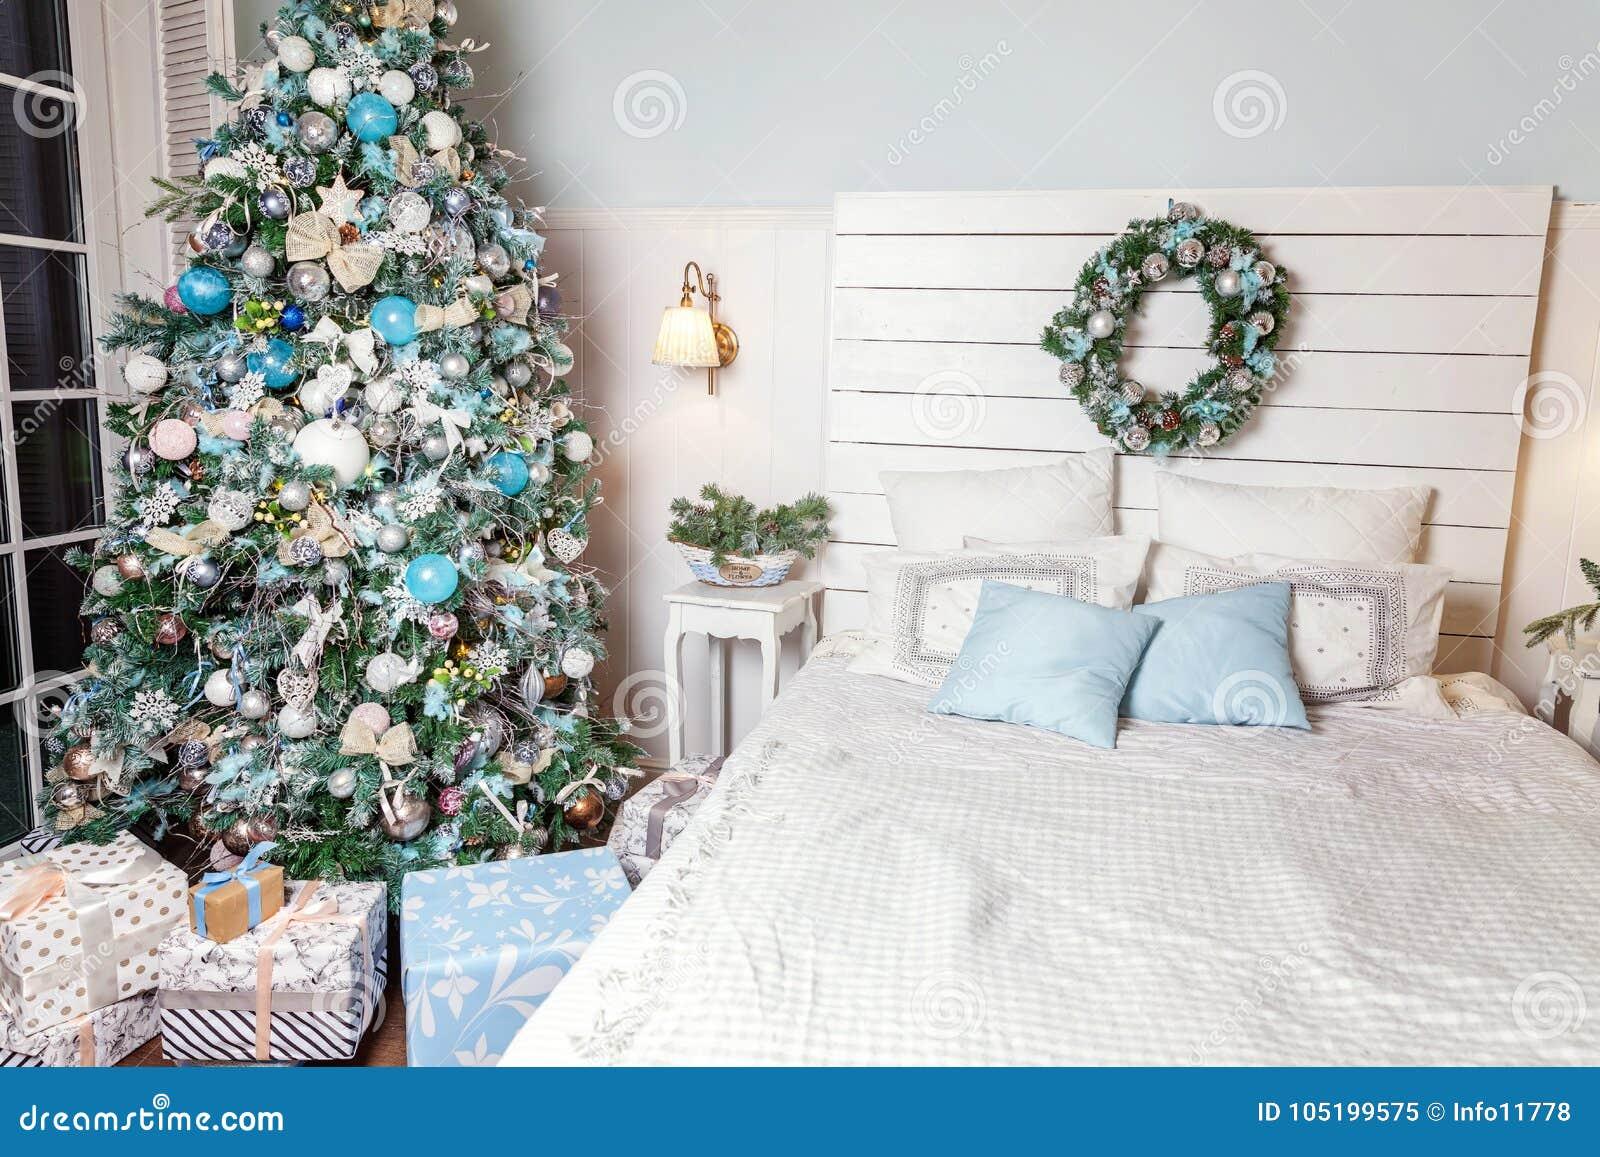 Albero Di Natale Con Decorazioni Blu : Albero di natale con le decorazioni bianche blu e dargento